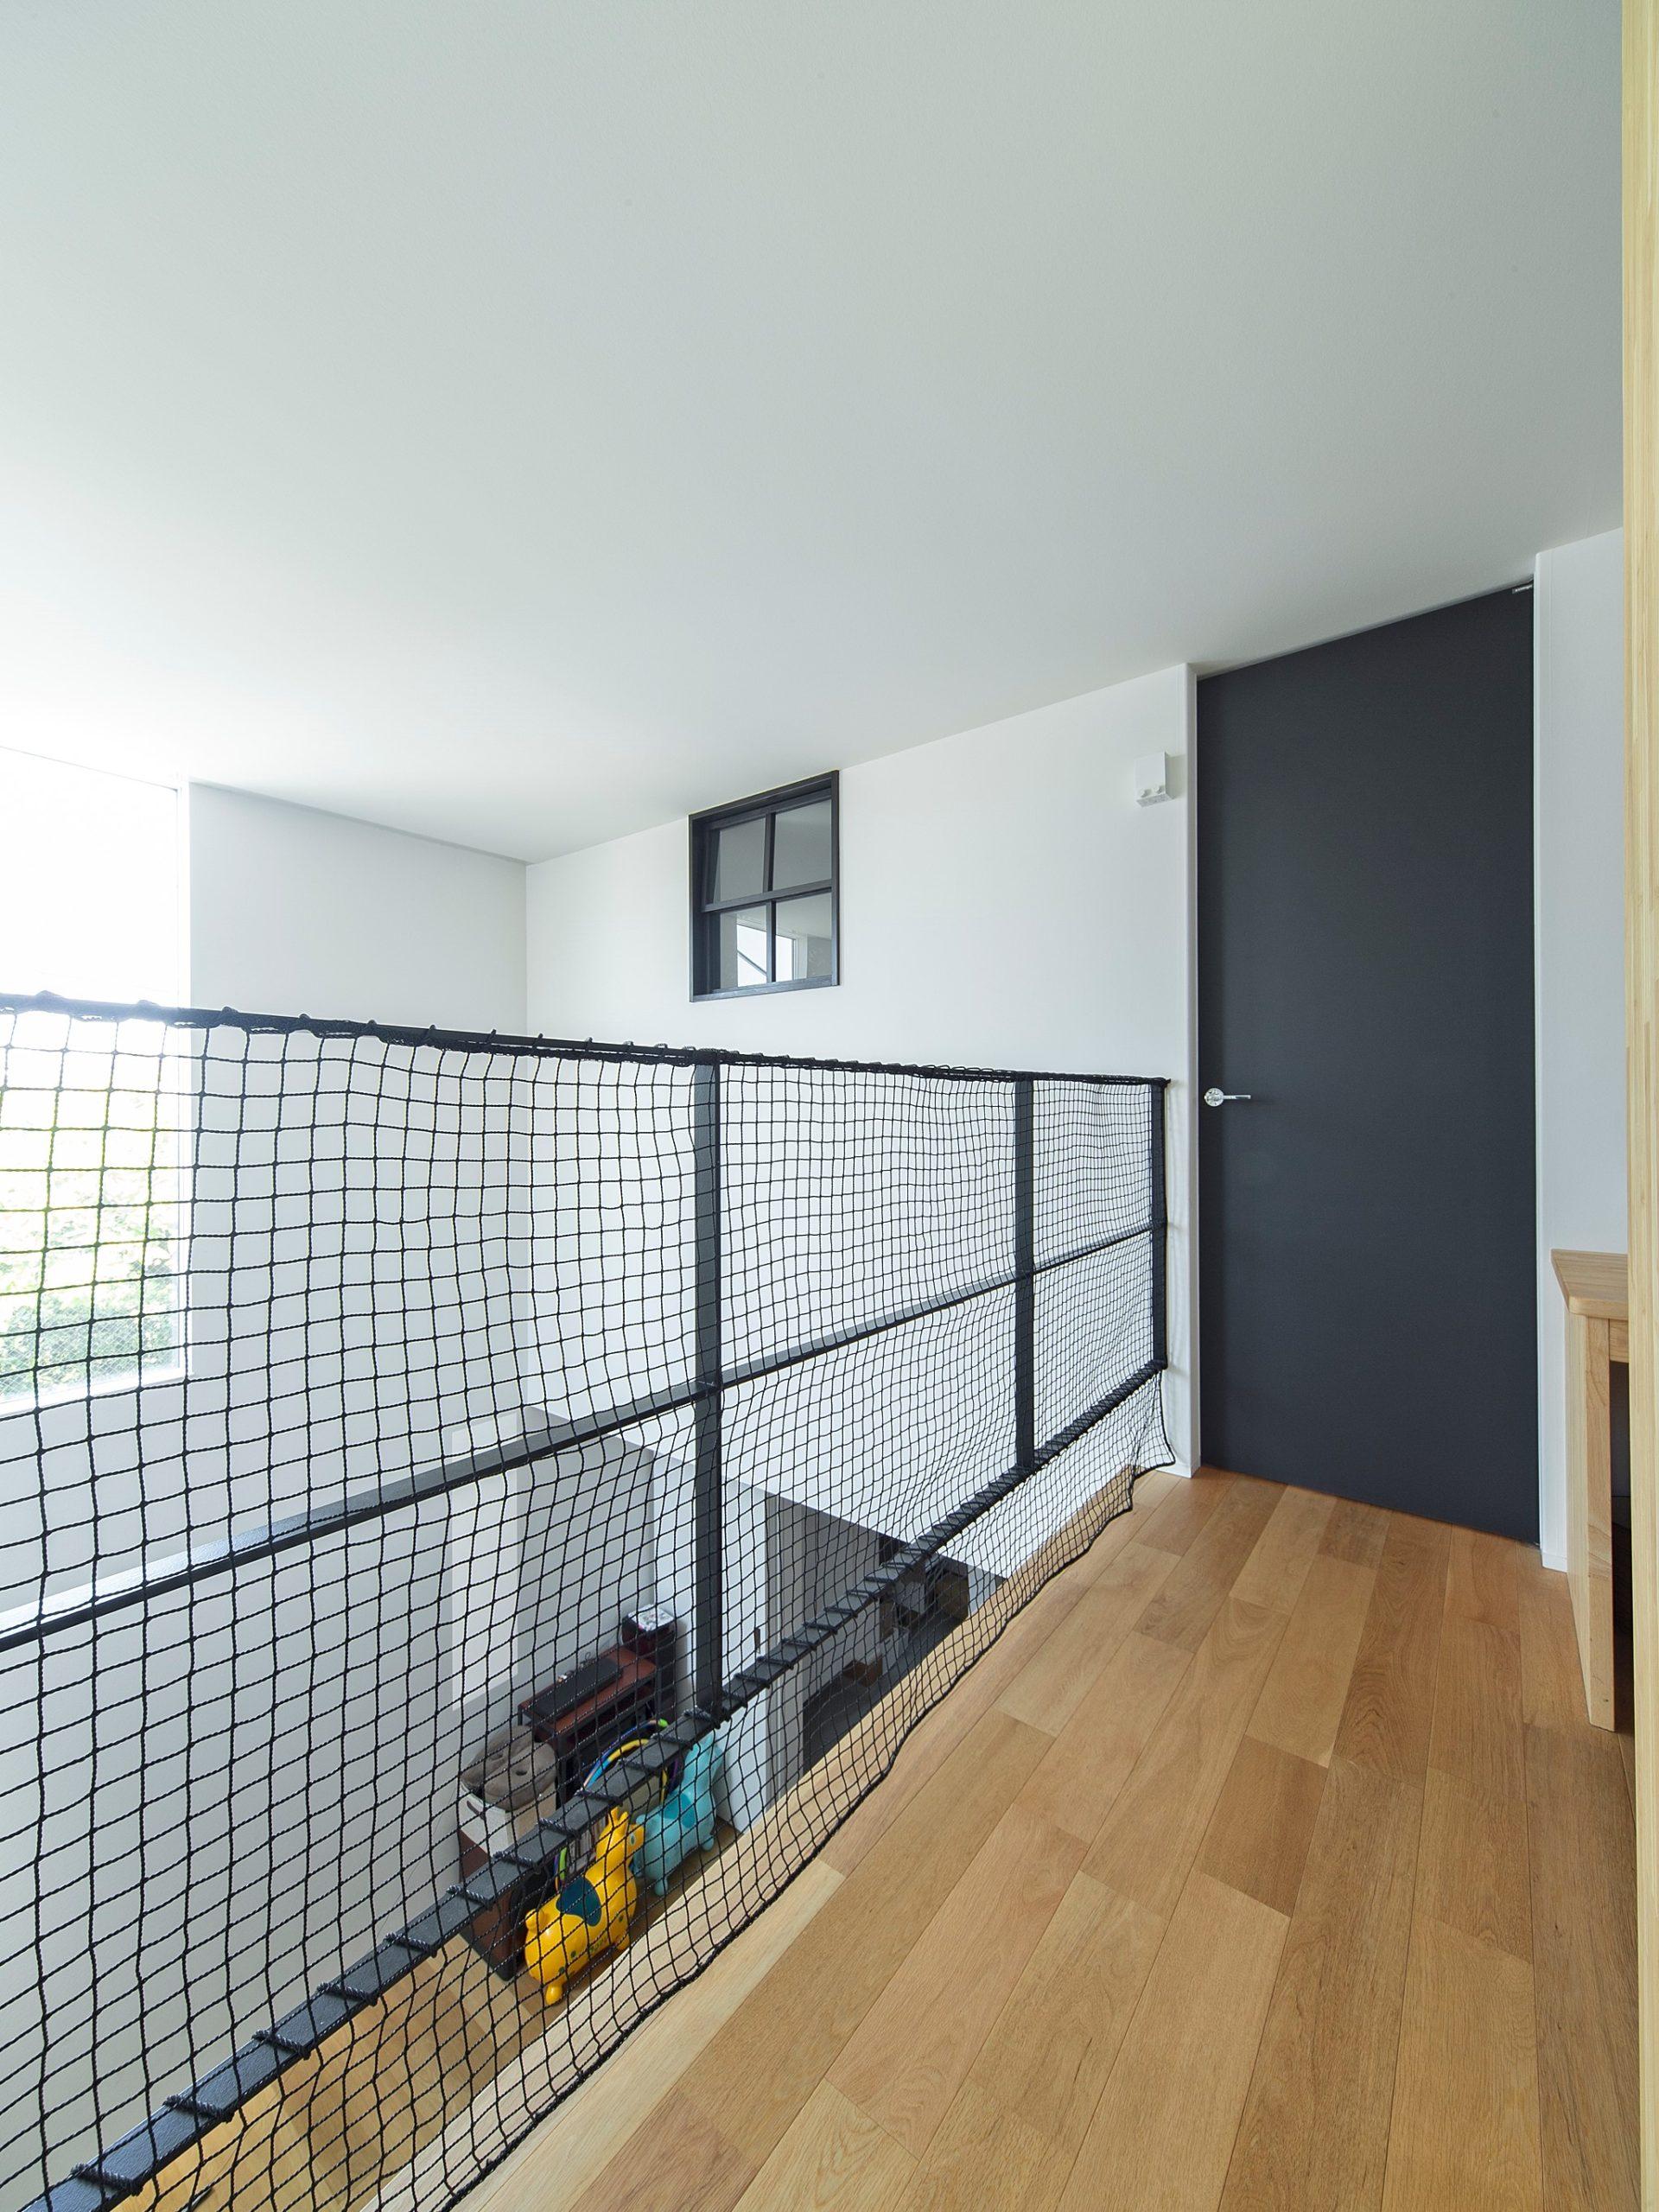 2階の空間も吹抜けを通じてつながりのある空間に。これも断熱性能の高い家だからできる間取りです。